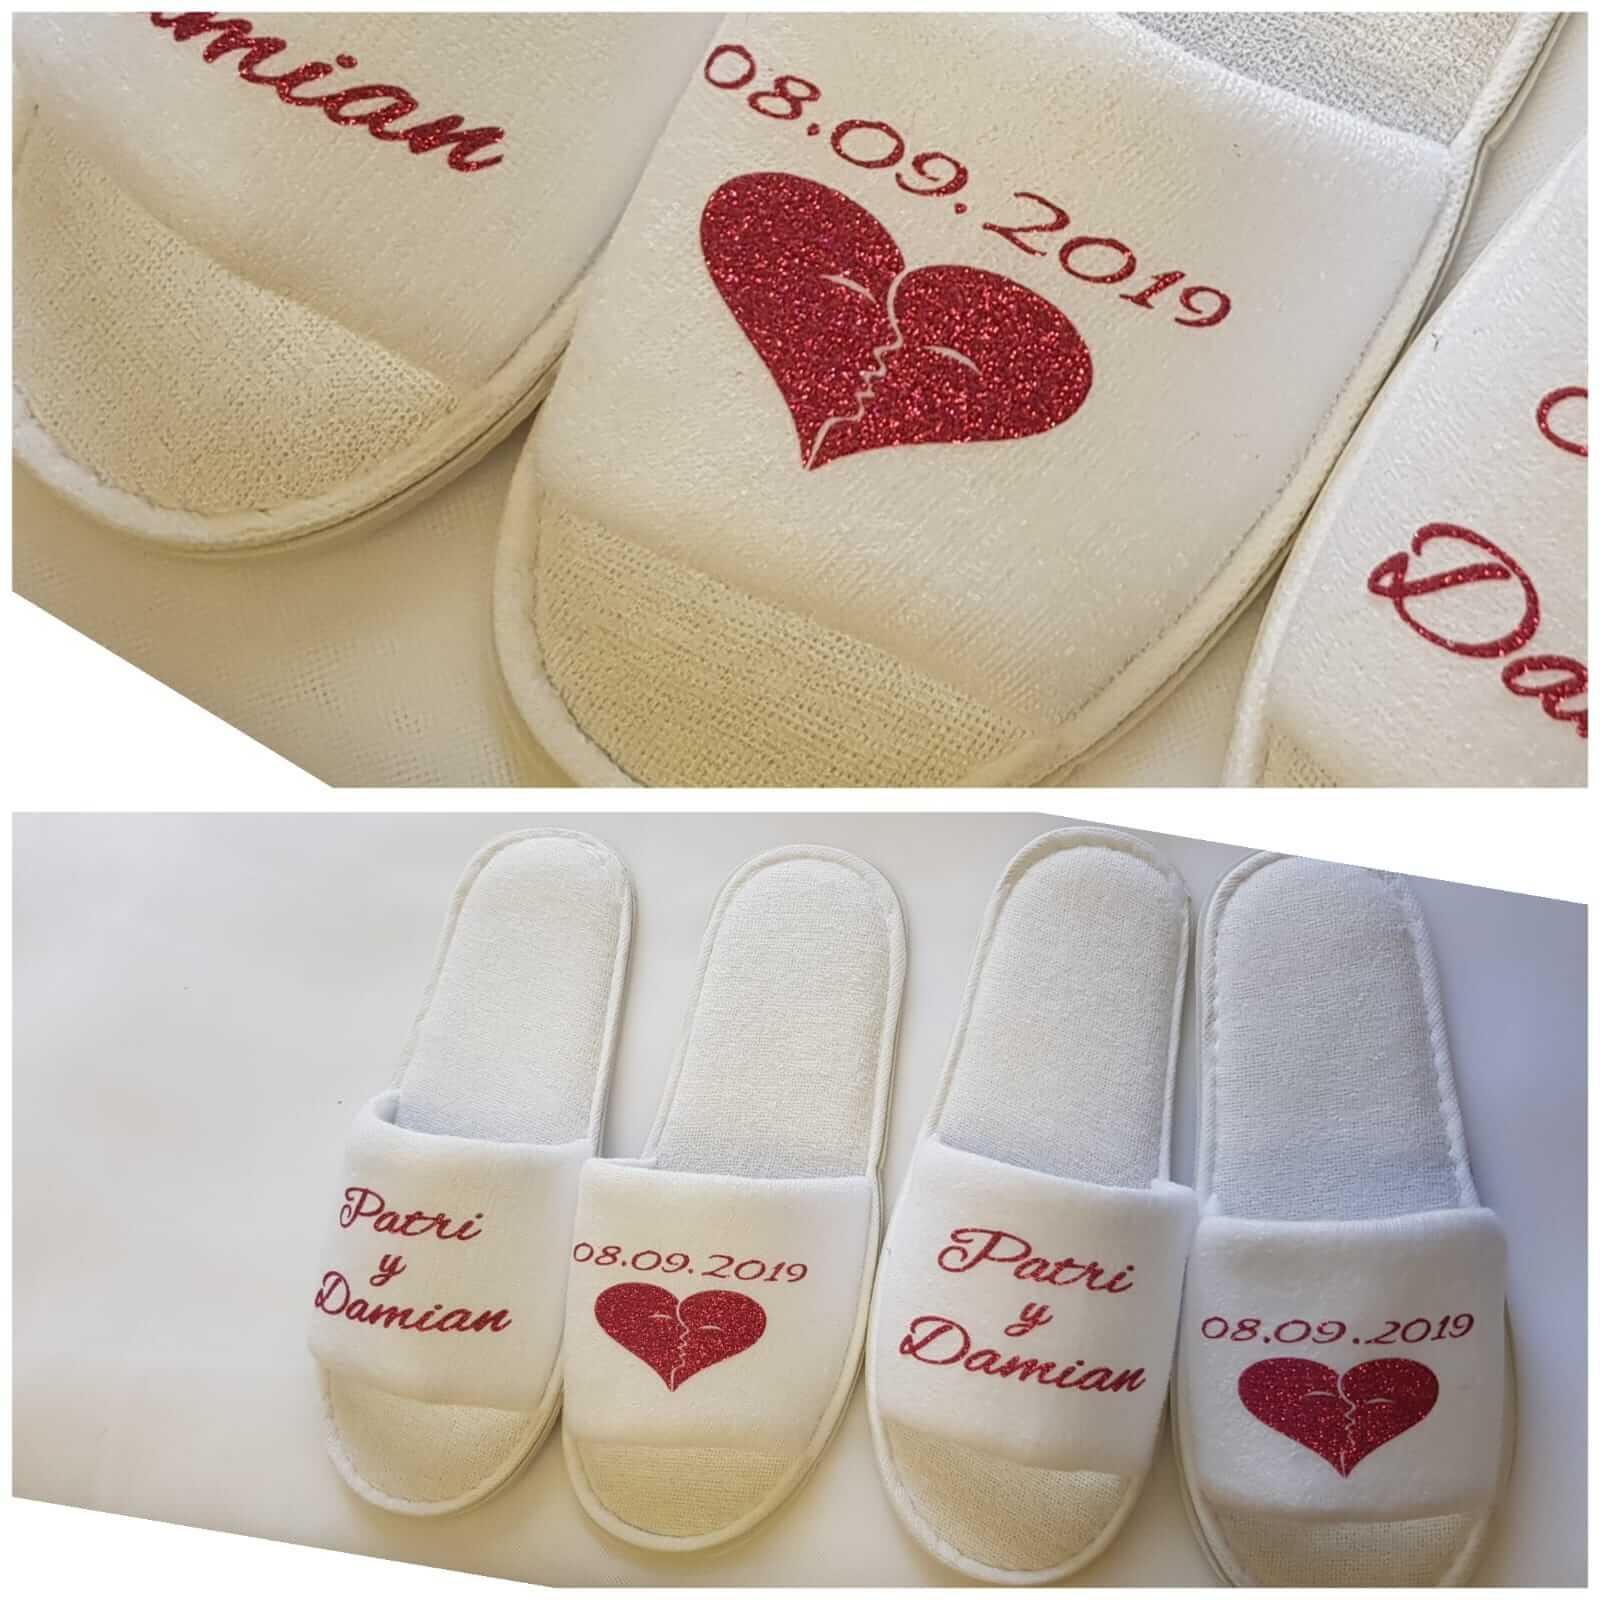 zapatillas personalizadas zapatillas personalizadas novia - zapatillas personalizadas novia 3 - Zapatillas personalizadas novia | Zapatillas personalizadas boda